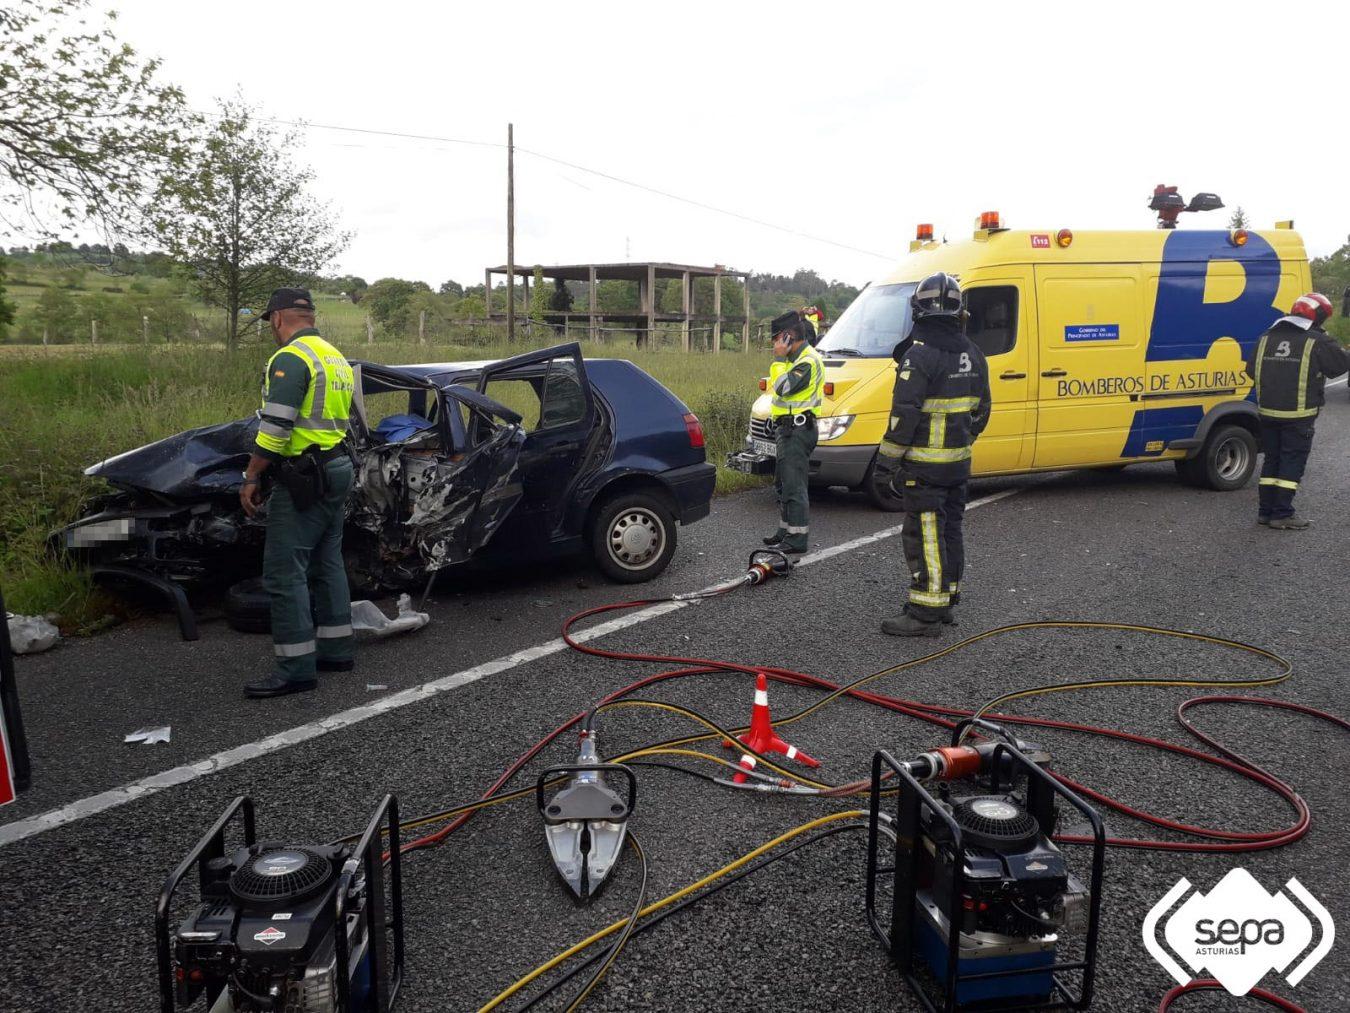 Un hombre pierde la vida en un accidente de tráfico en la N-634